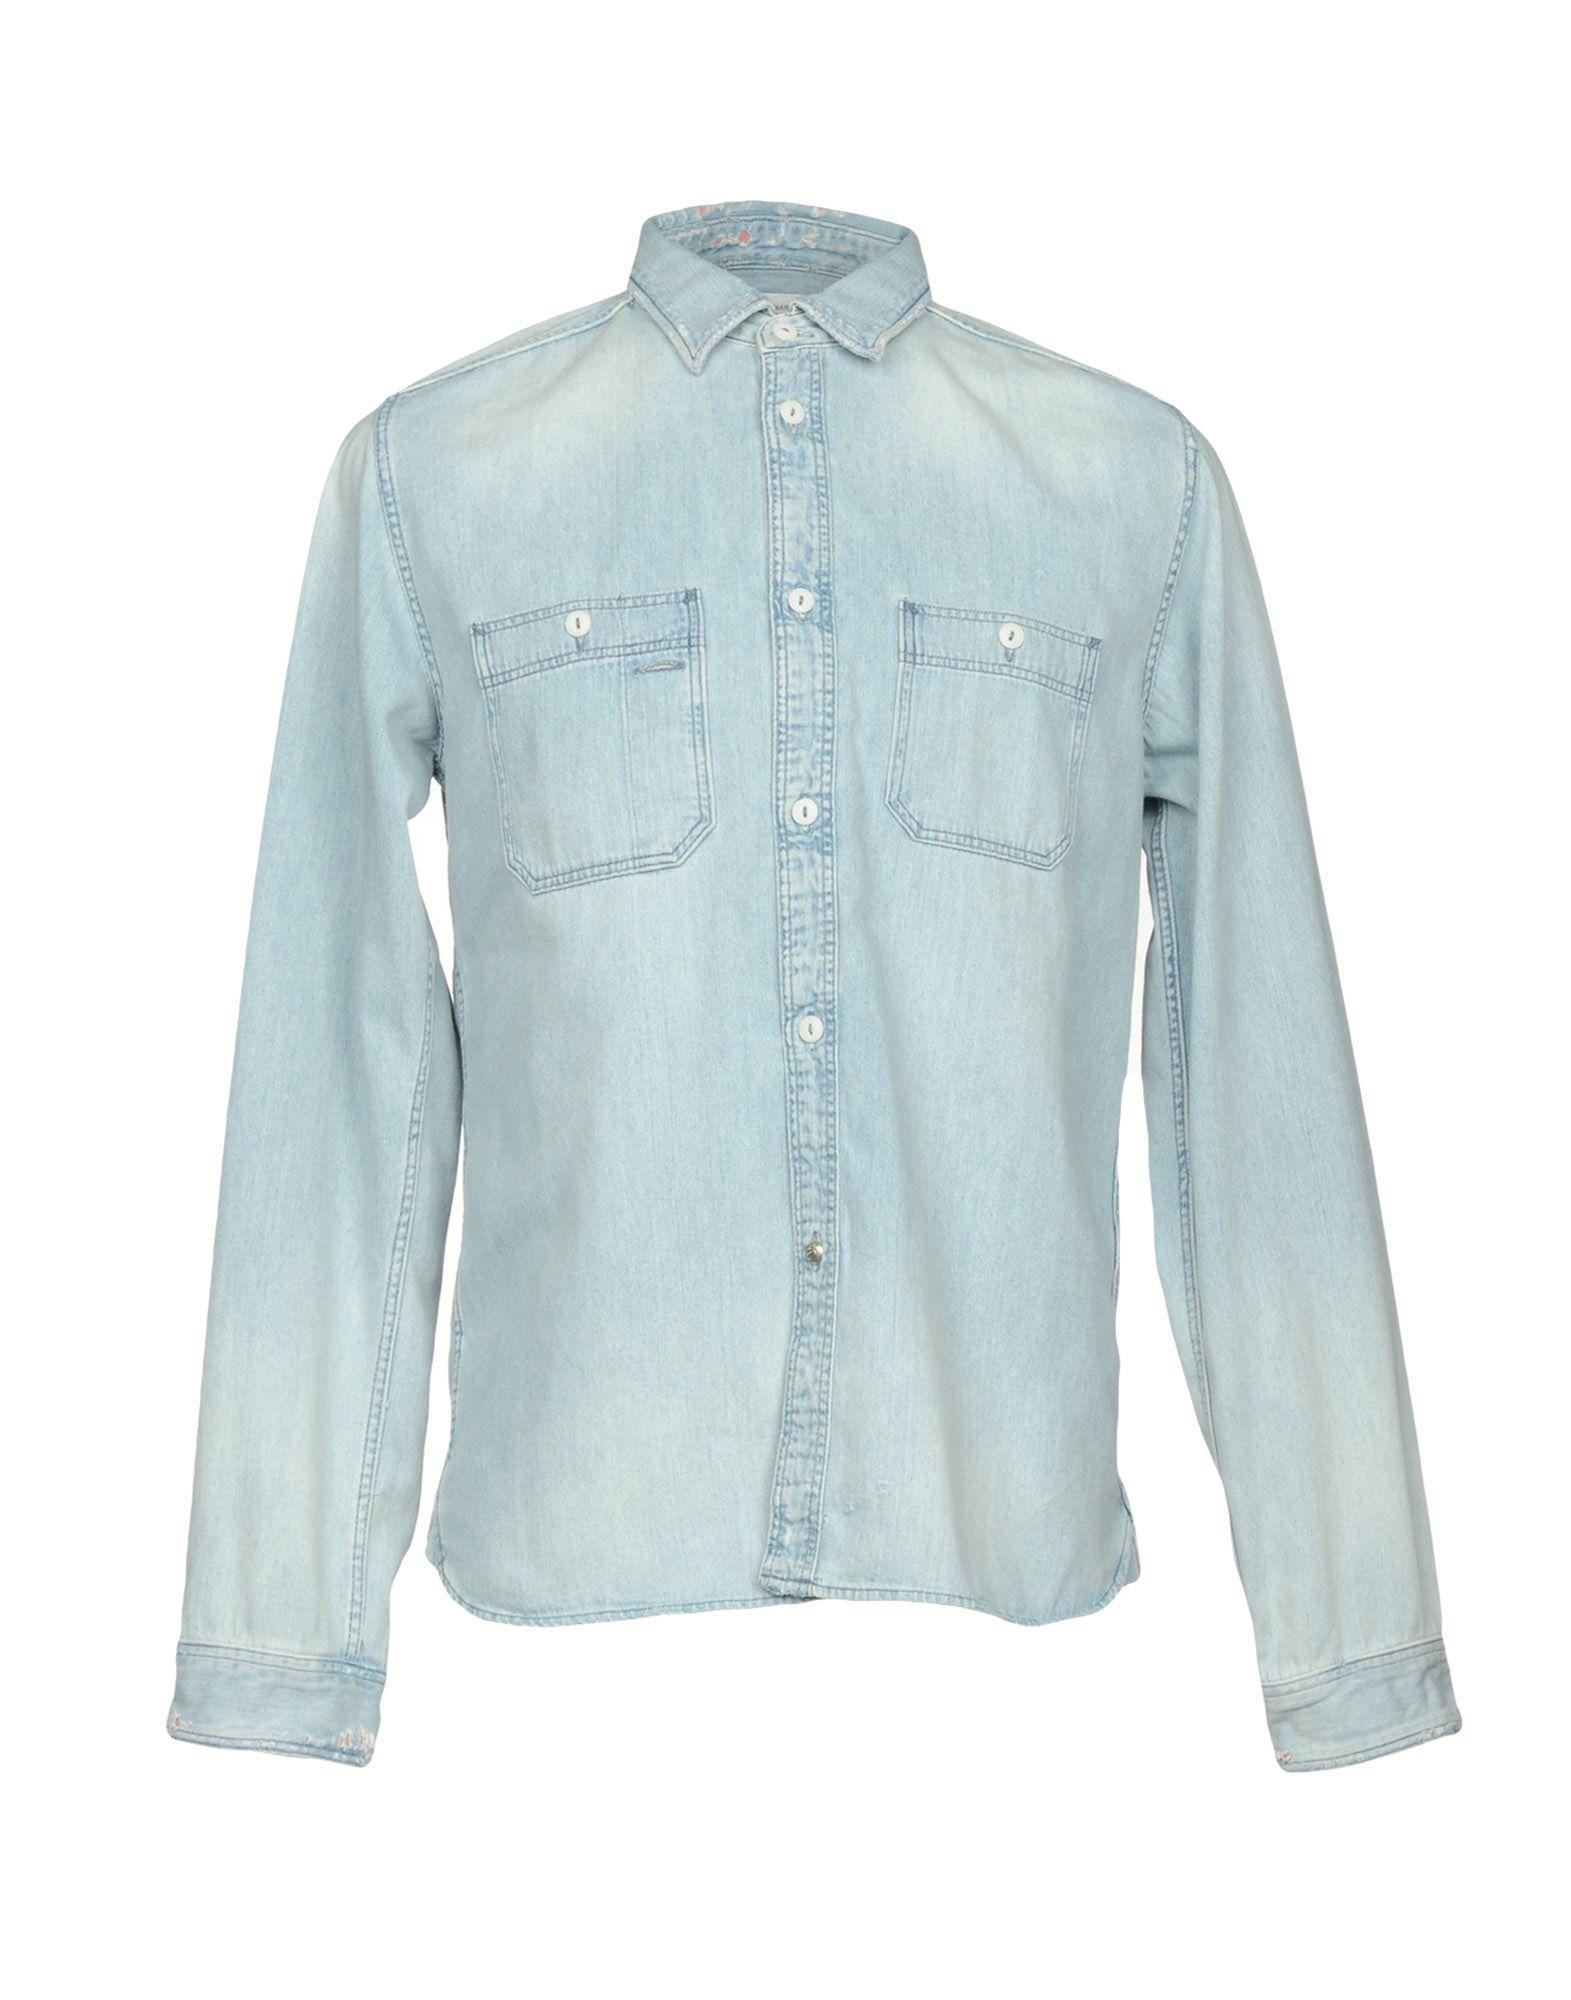 RON HERMAN Джинсовая рубашка